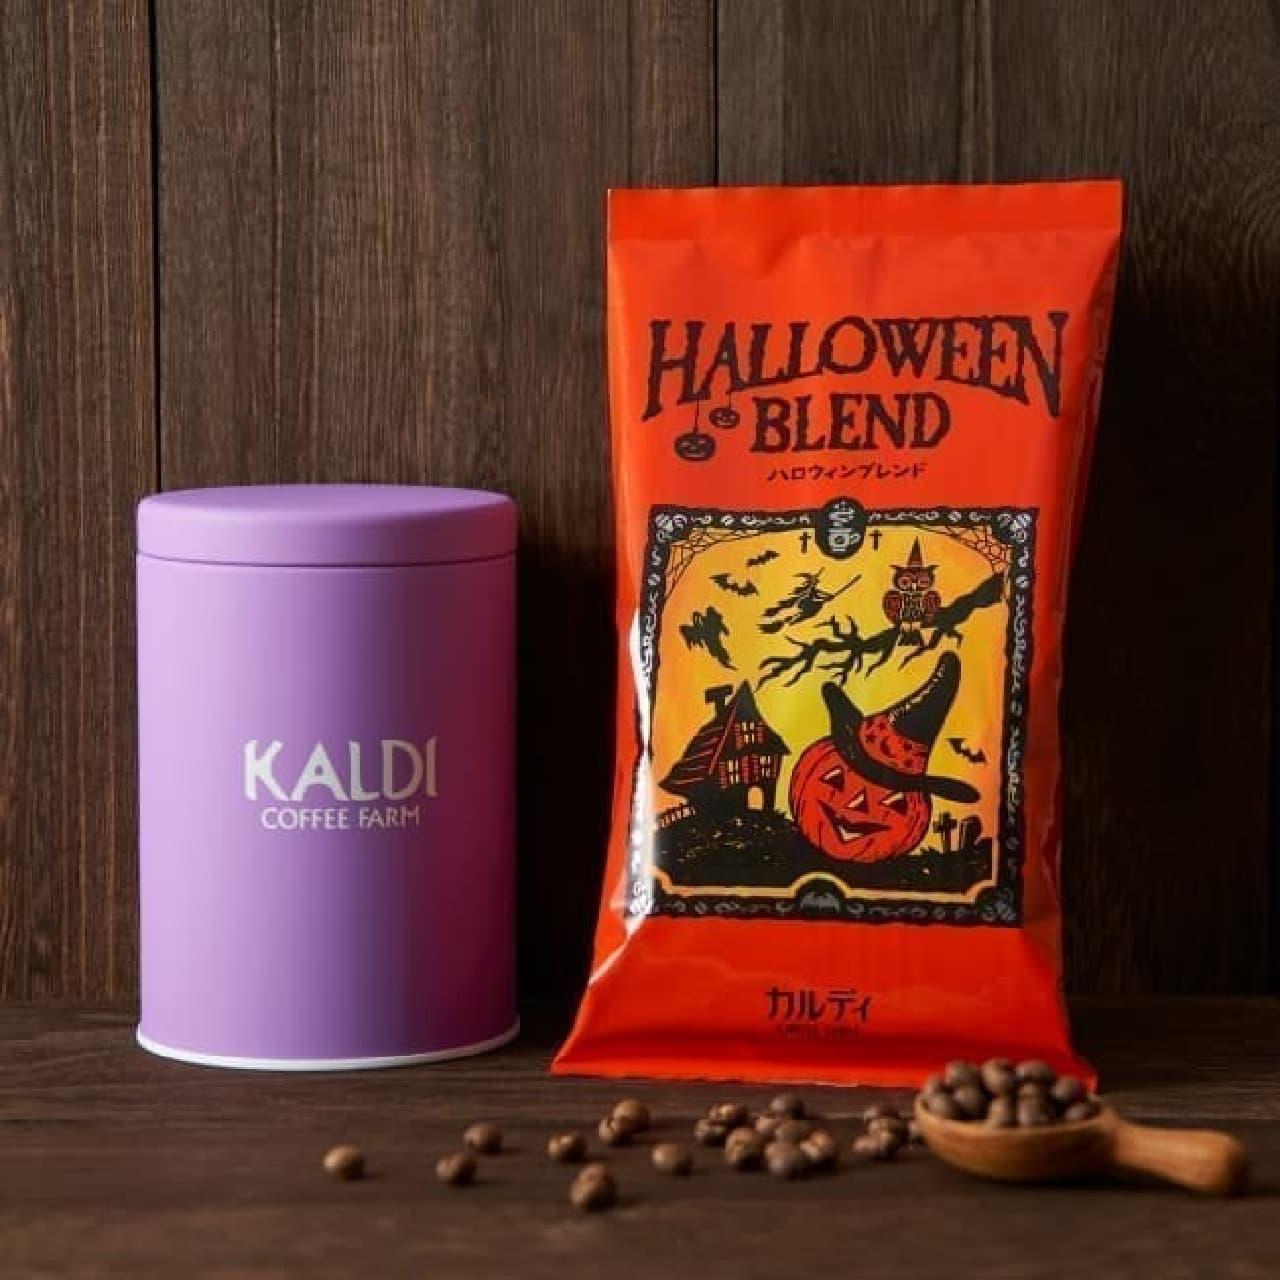 カルディからハロウィンブレンド&キャニスター缶セット--約200種類のハロウィン商品も注目!